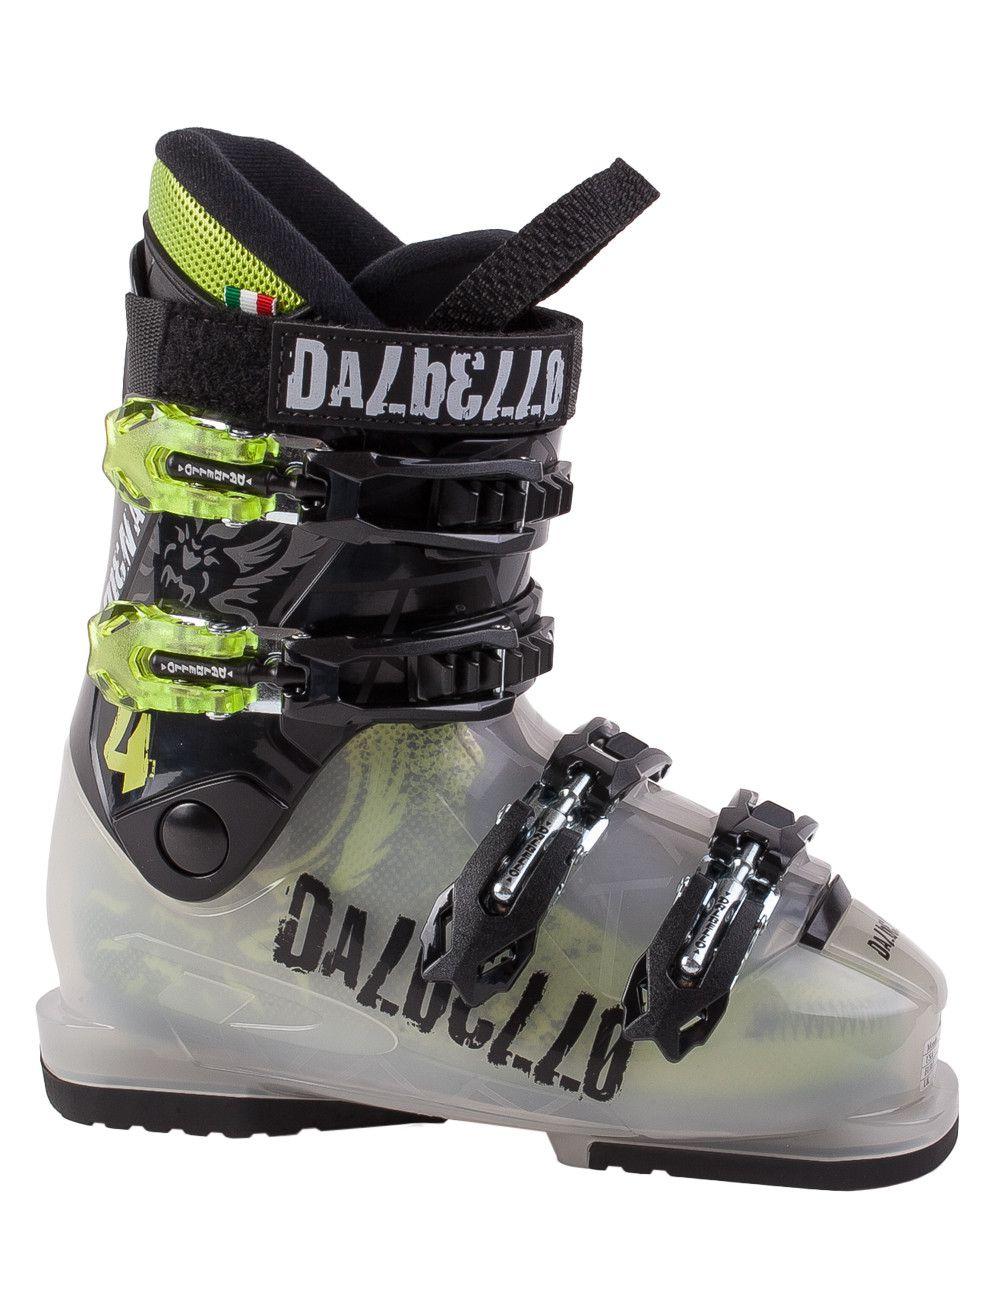 Buty narciarskie Dalbello Menace 4 jr